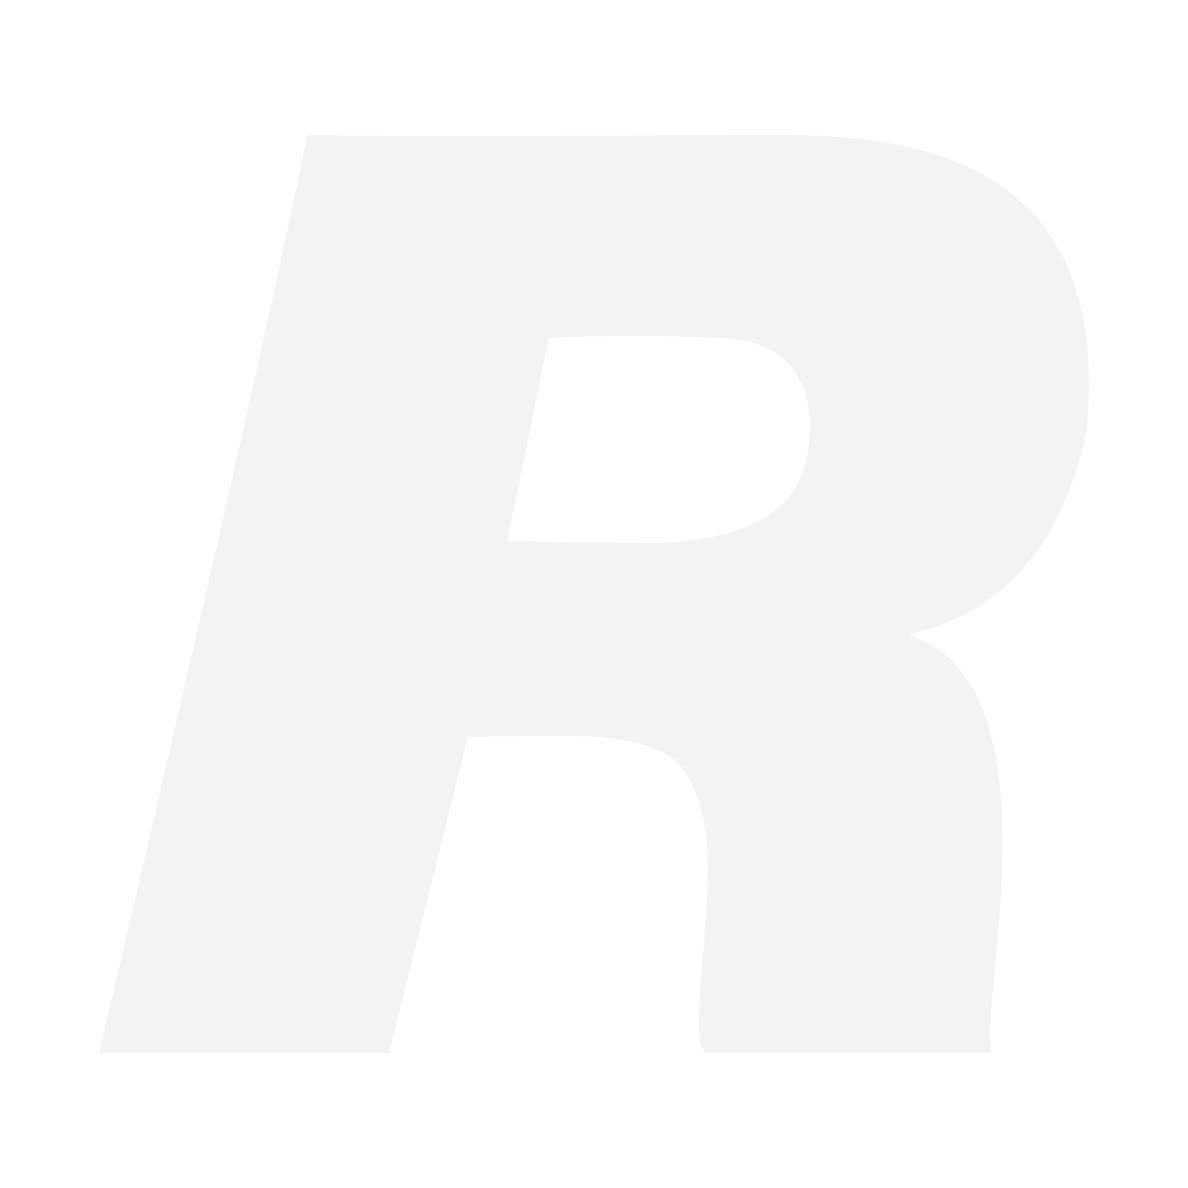 Zeiss Touit 32/1.8, Fuji X